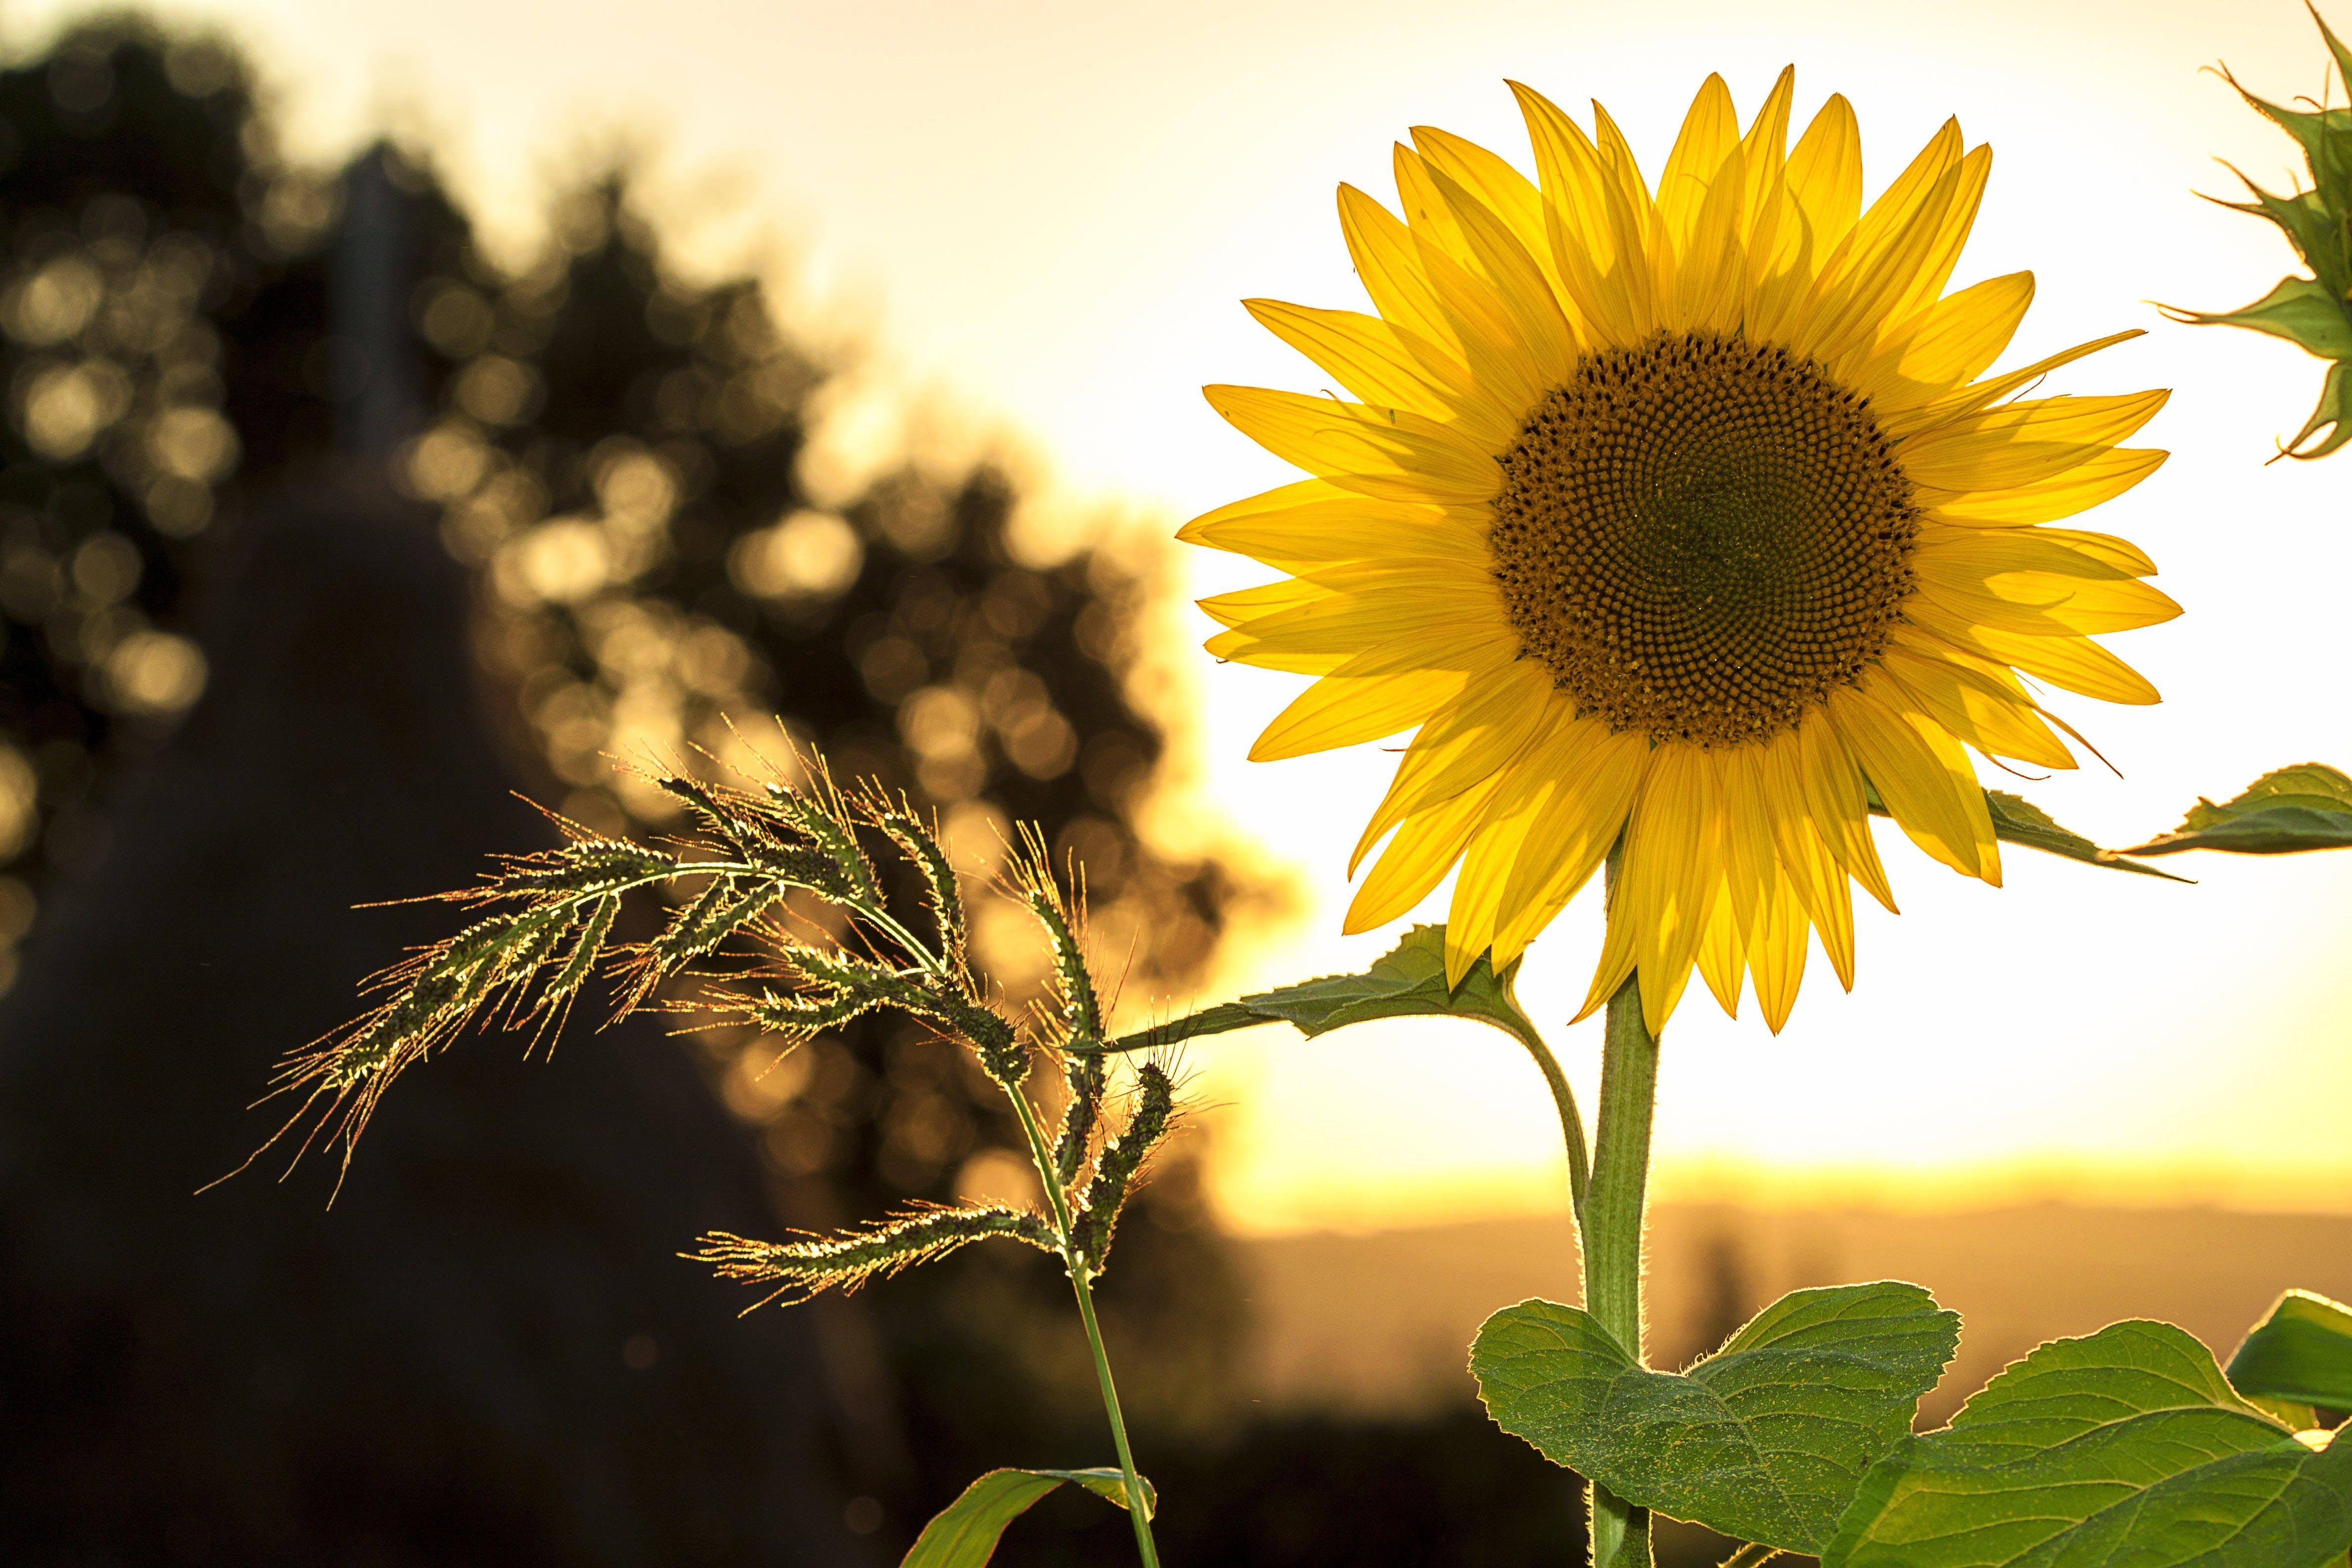 amarelo, ao ar livre, brilho do sol